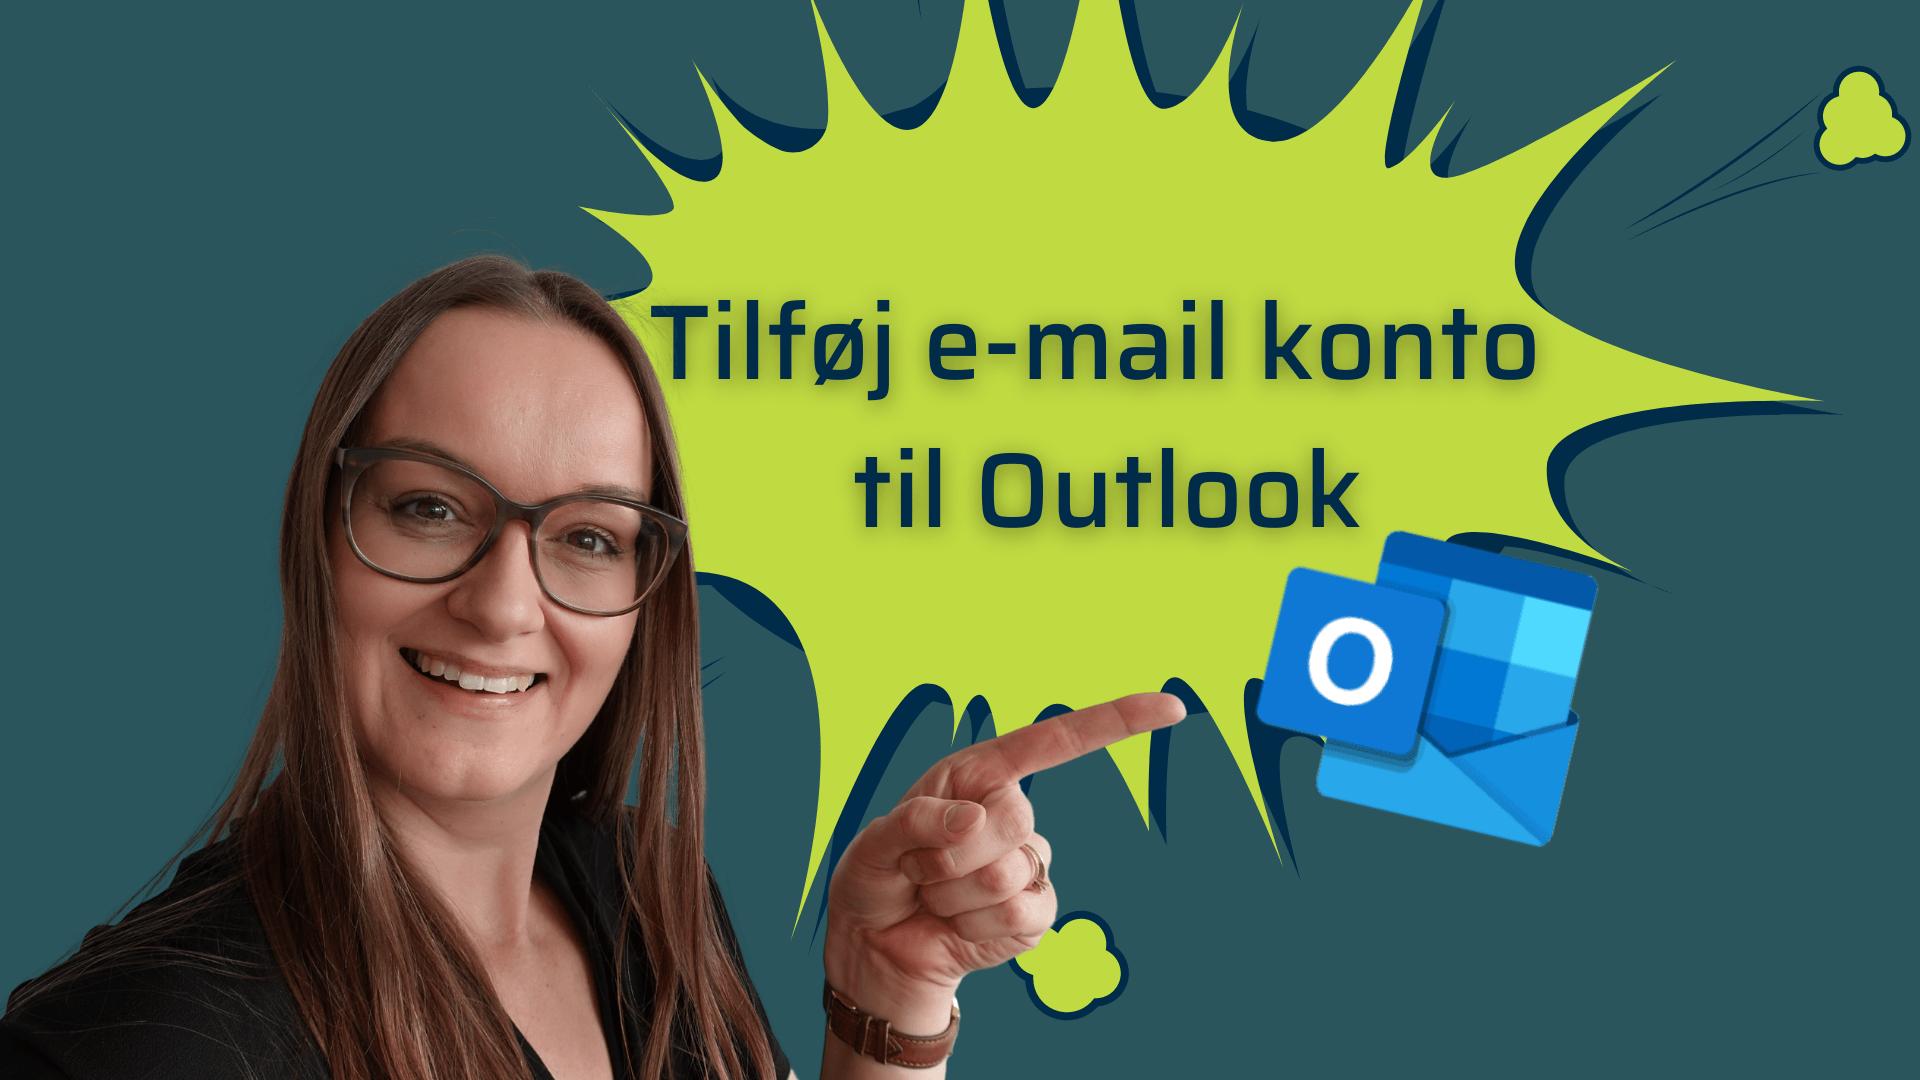 Tilføj e-mail brugere til outlook